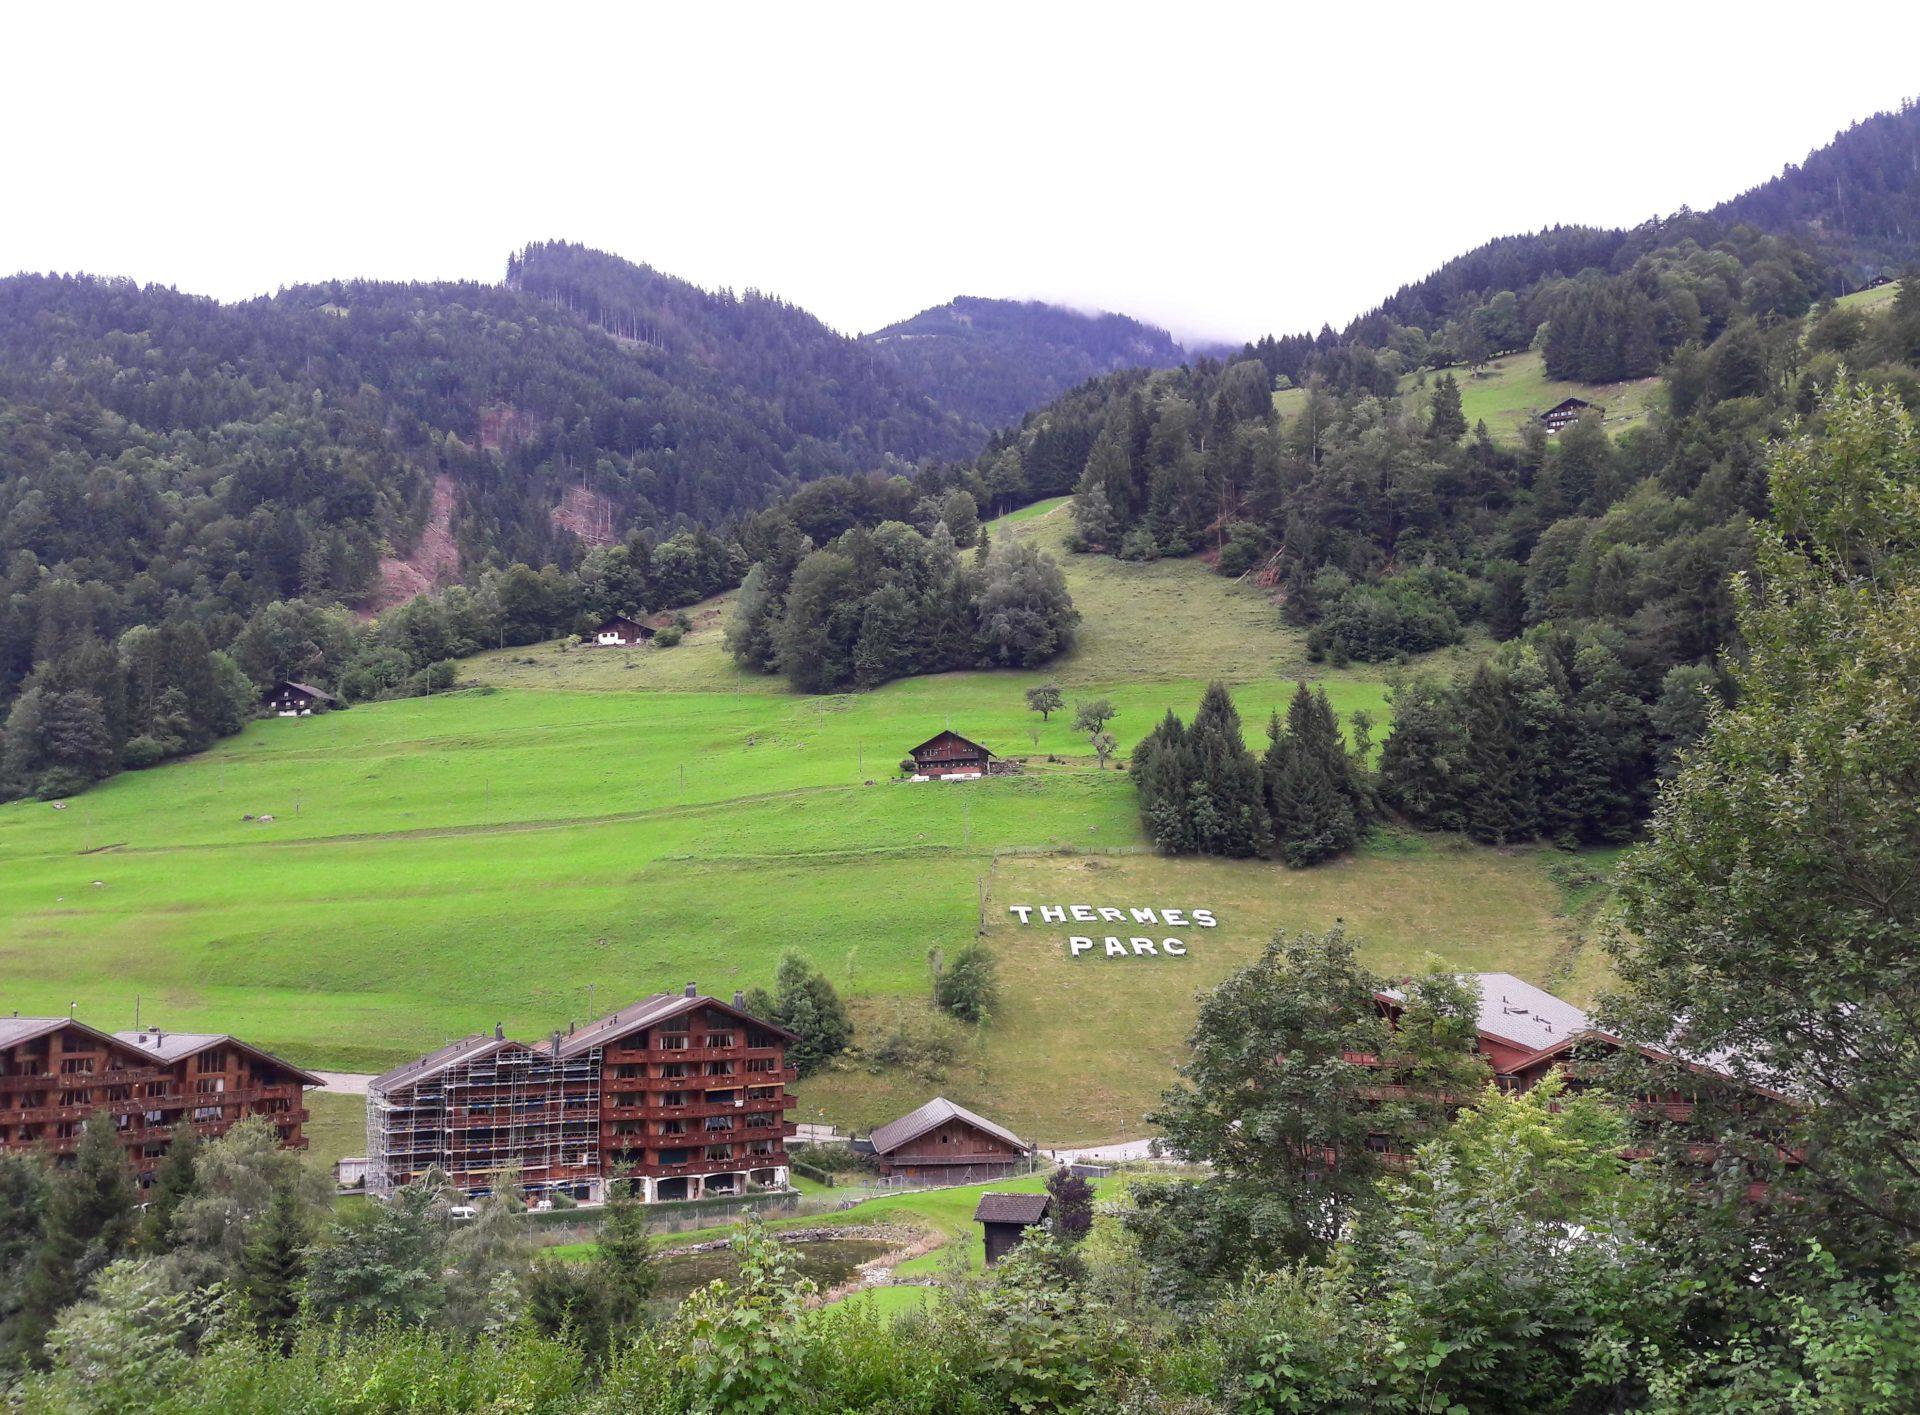 Les Bains de Val d'Illiez - Champéry: un séjour détente, nature et sport en Région Dents du Midi, au coeur du Valais dans les Alpes Suisses